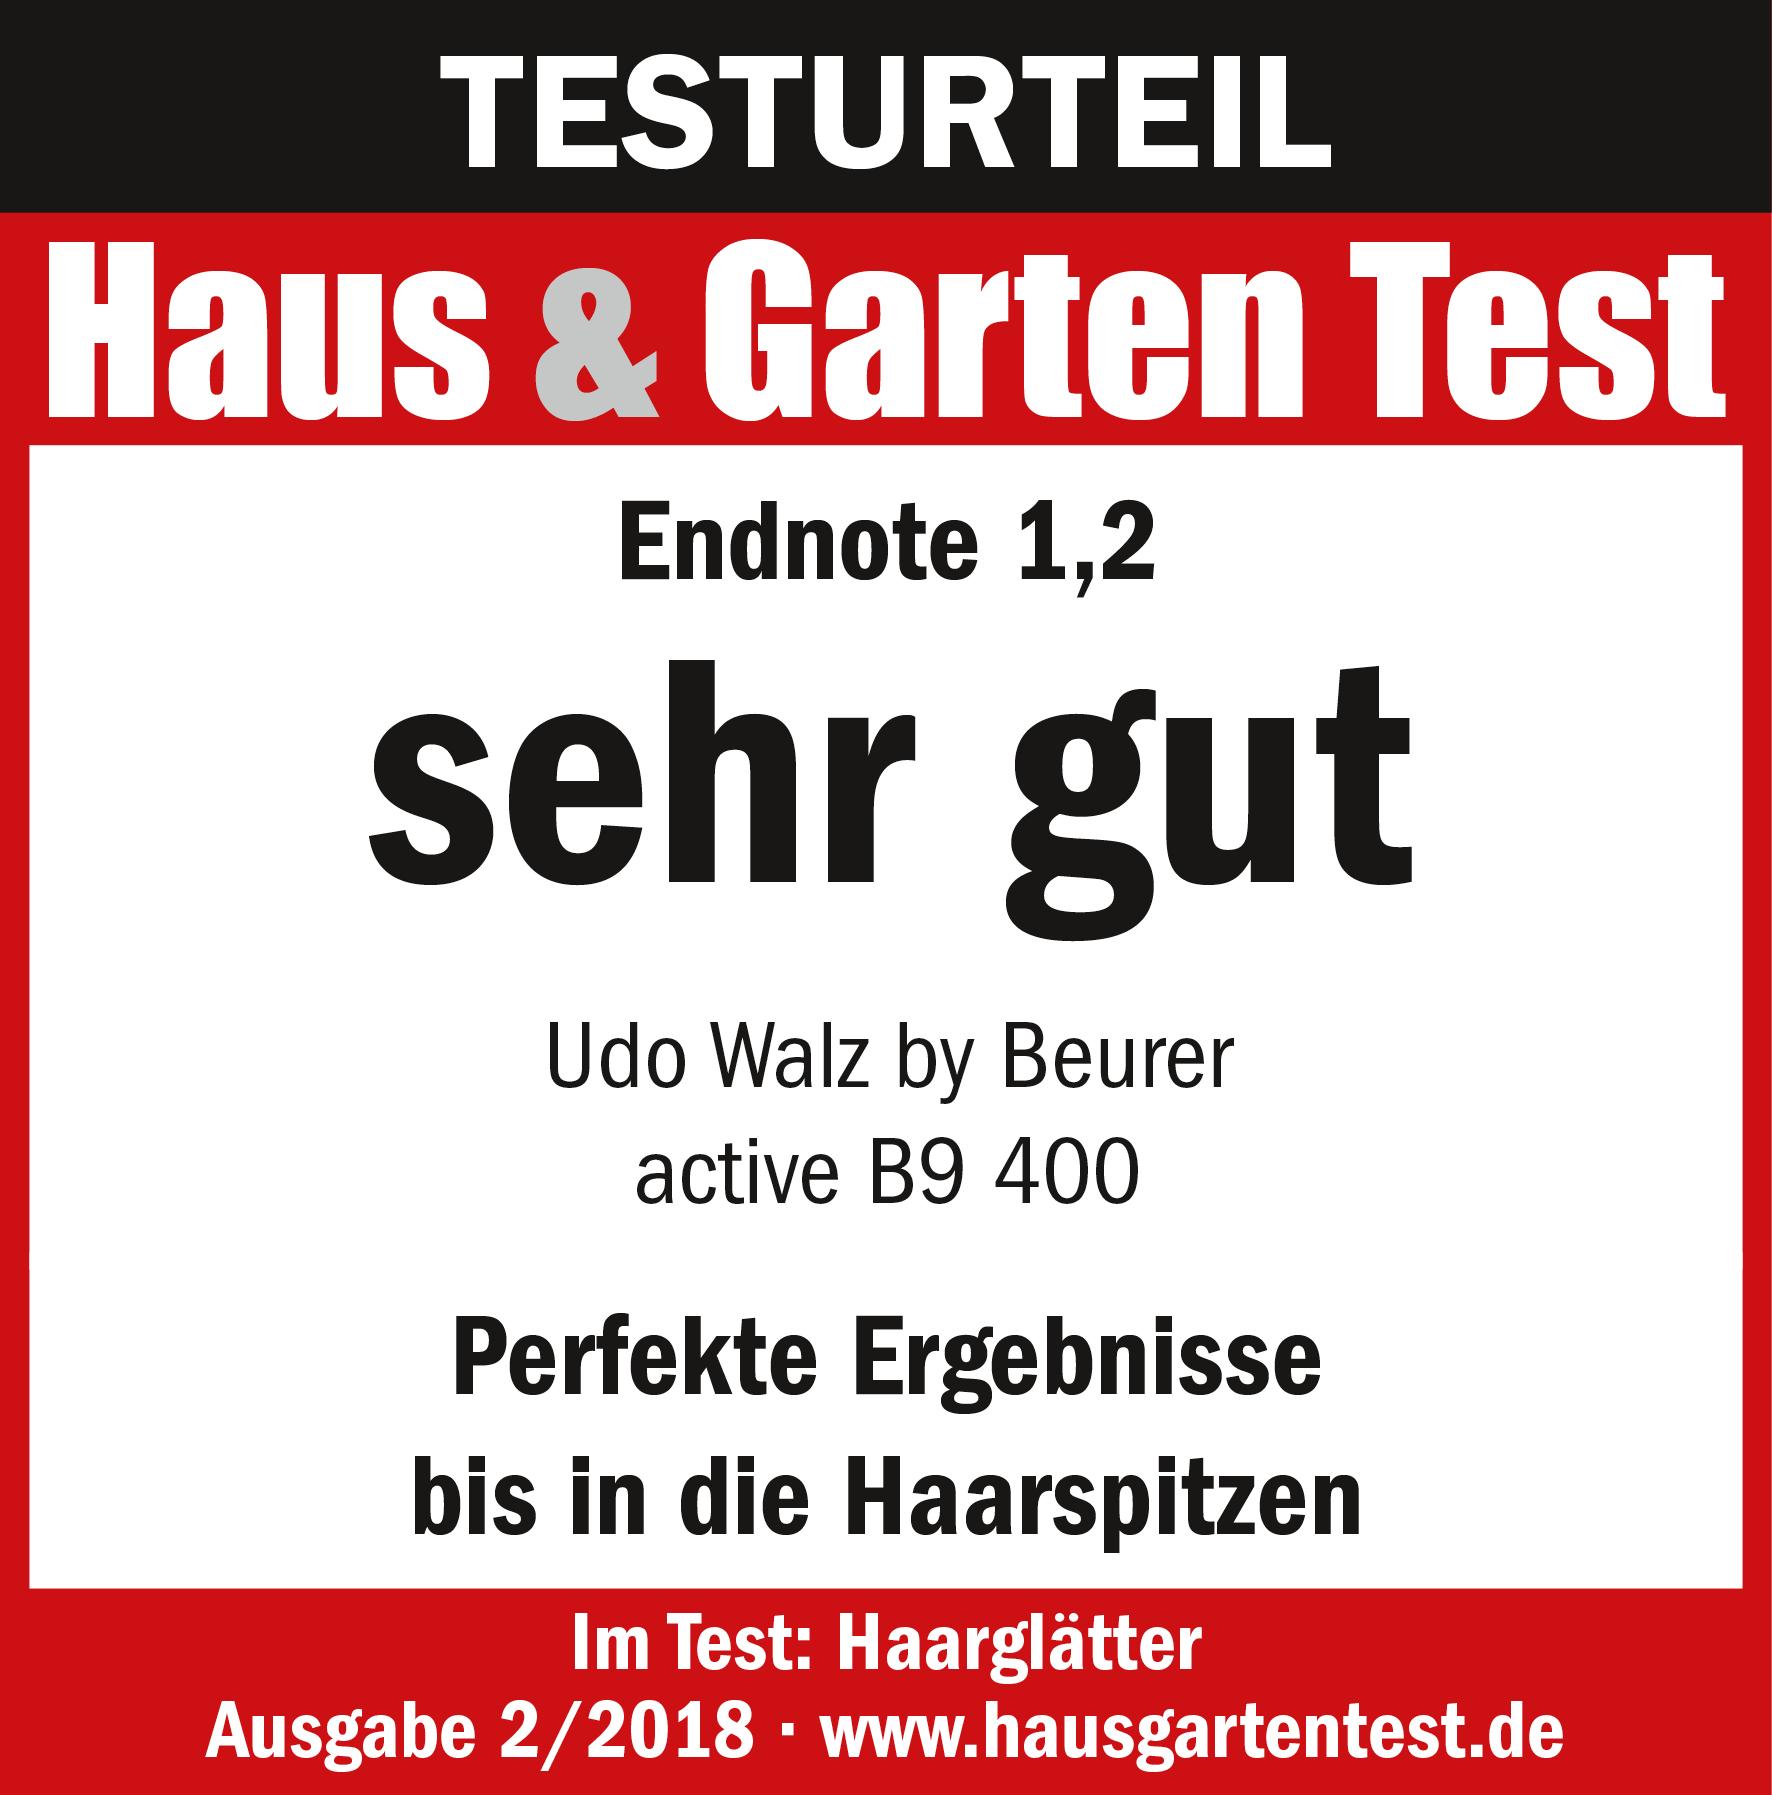 Testurteil: (1,2) sehr gut, für den Haarglätter von Beurer B9 400, 02/2018